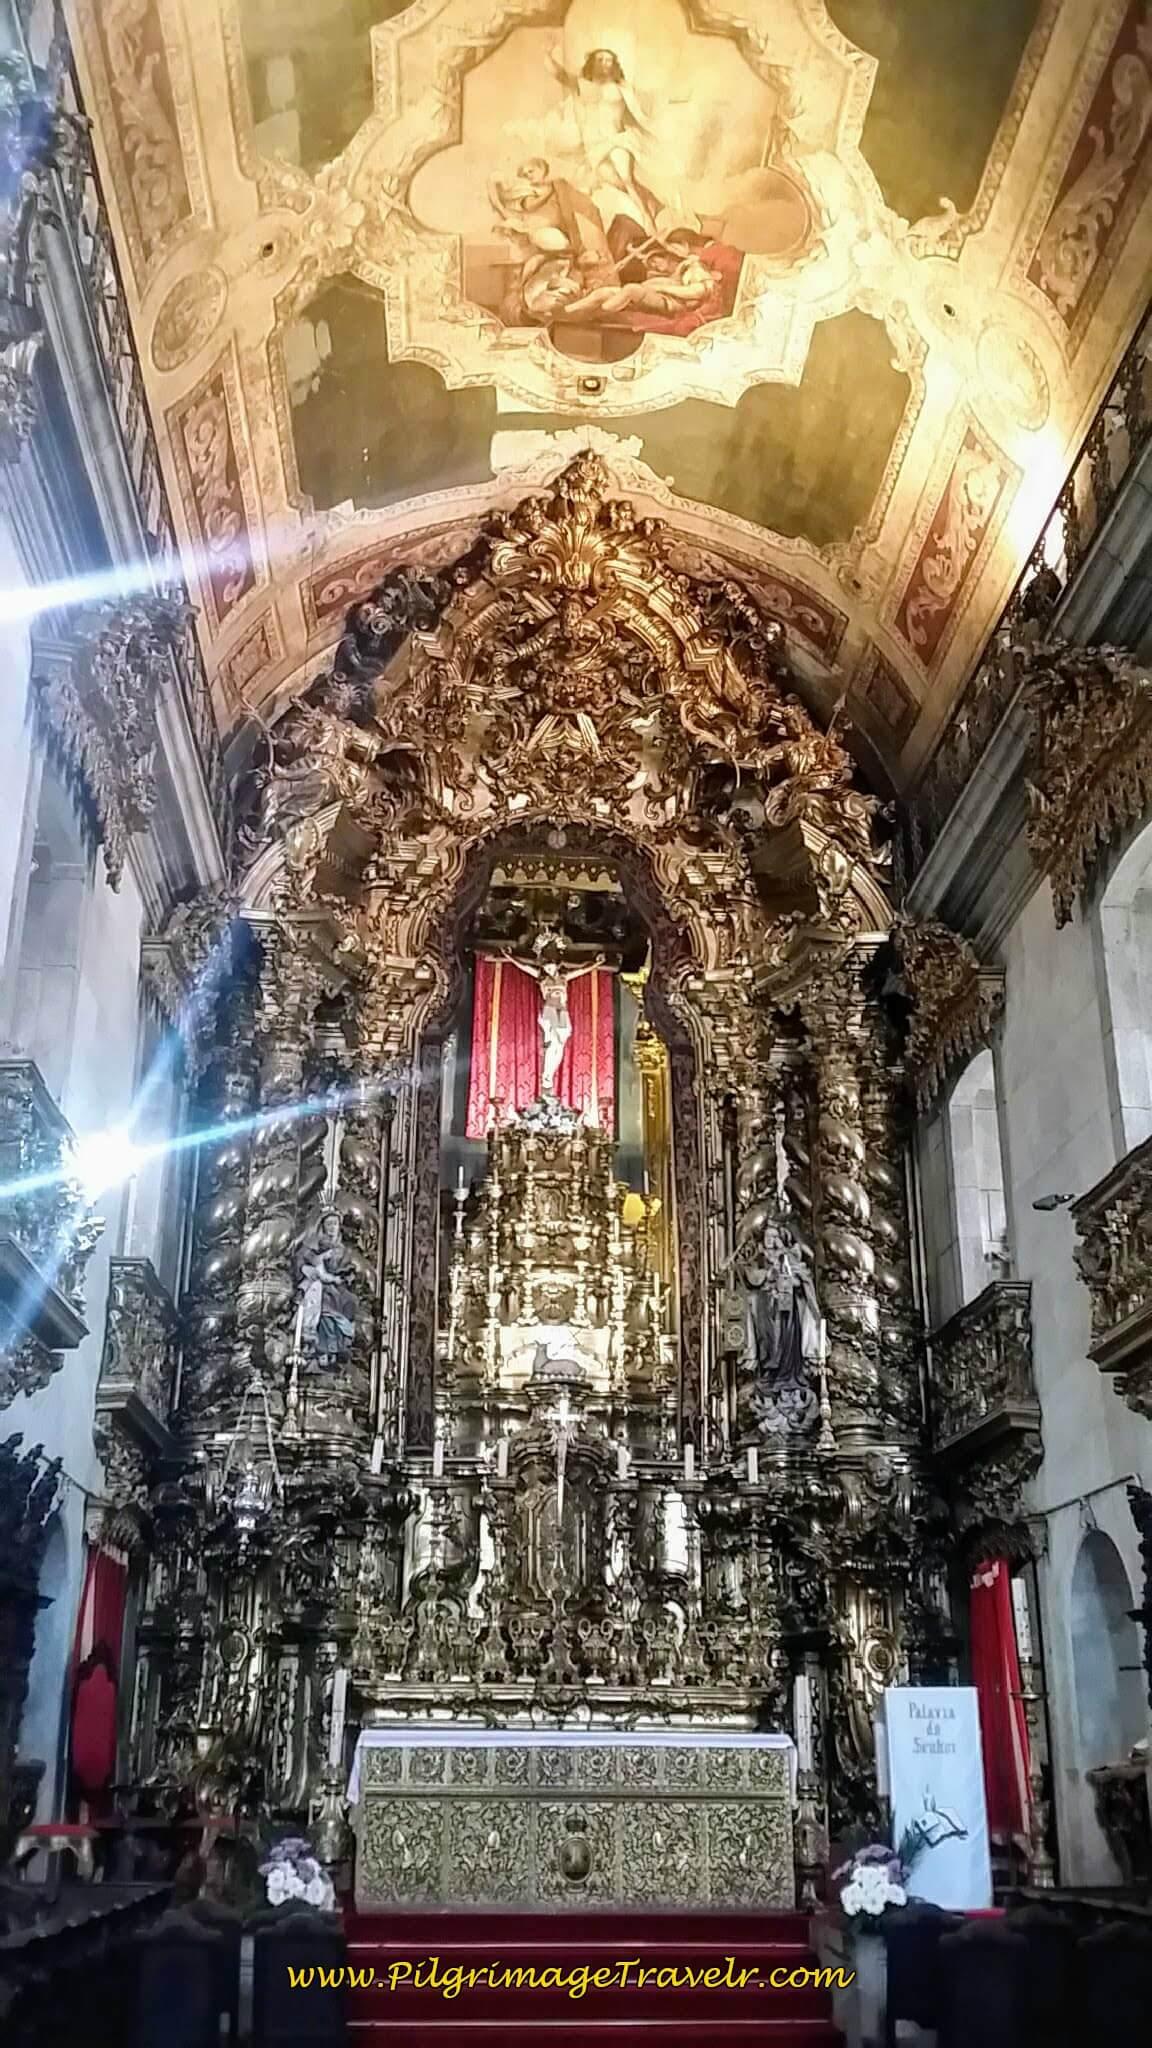 Main Altar of the Igreja do Carmo in Porto, Portugal